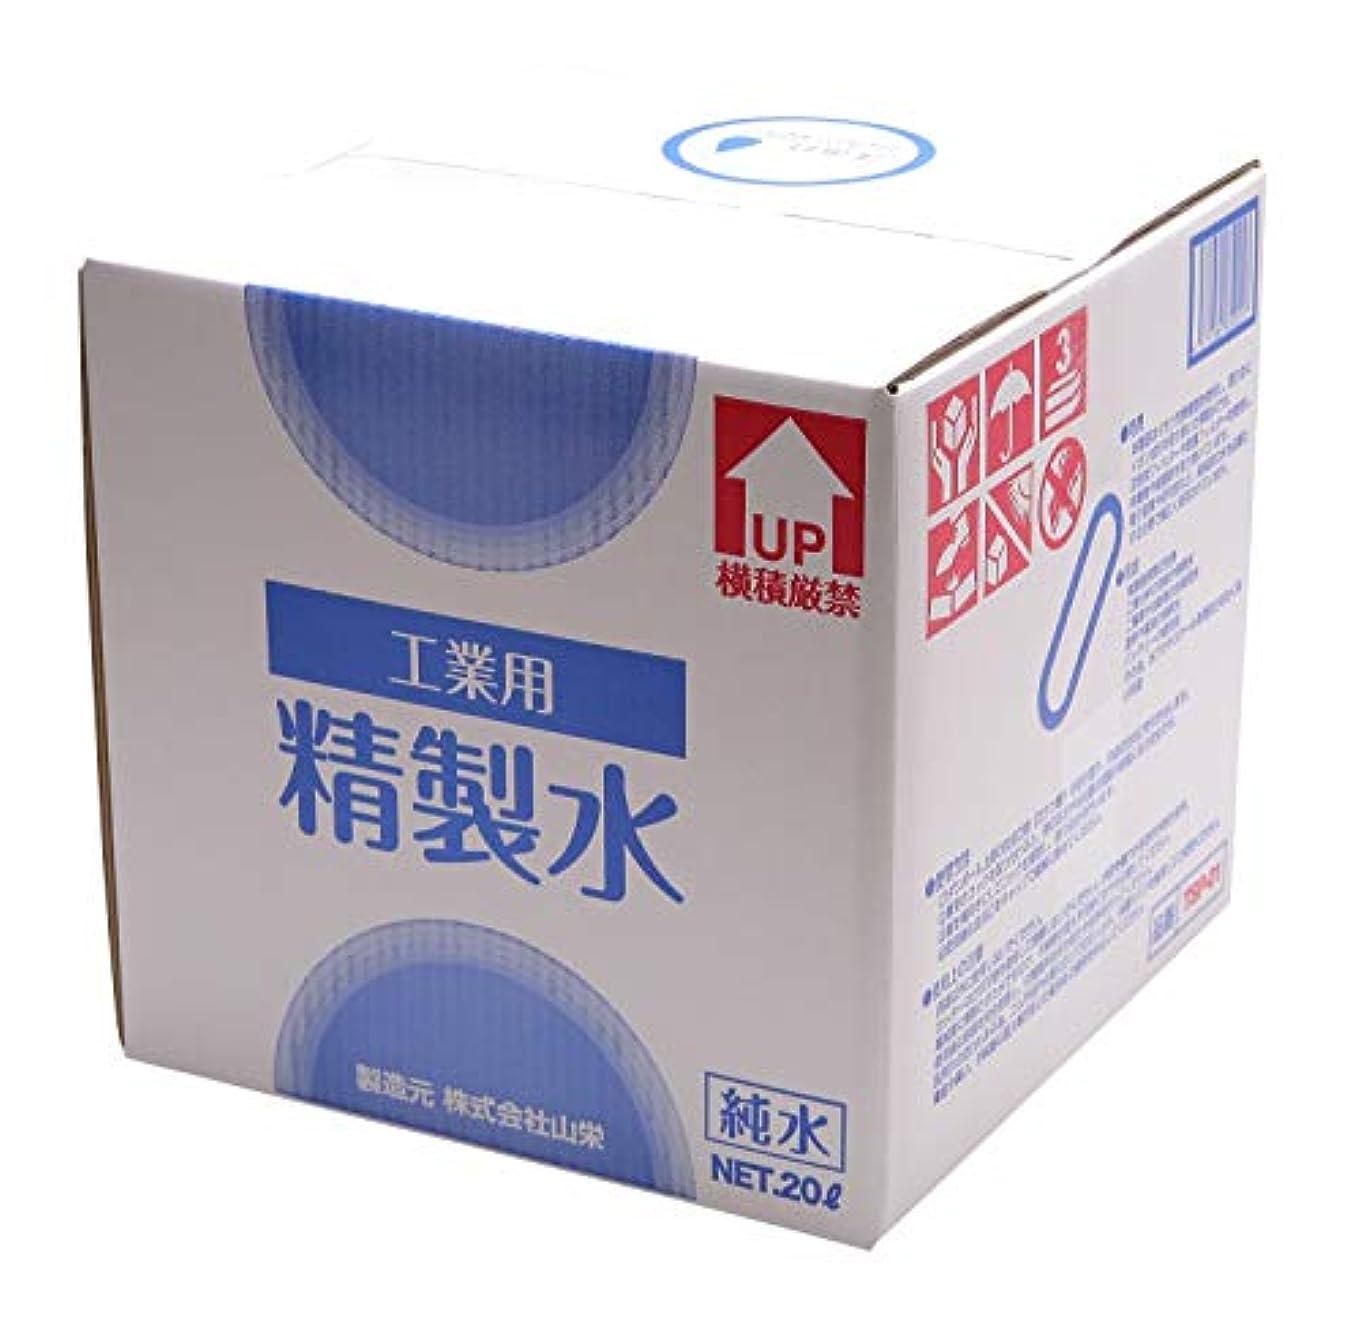 サンエイ化学 工業用精製水 純水 20L×10箱 コックなし 【スチーマー 加湿器 オートクレーブ エステ 美容 歯科】